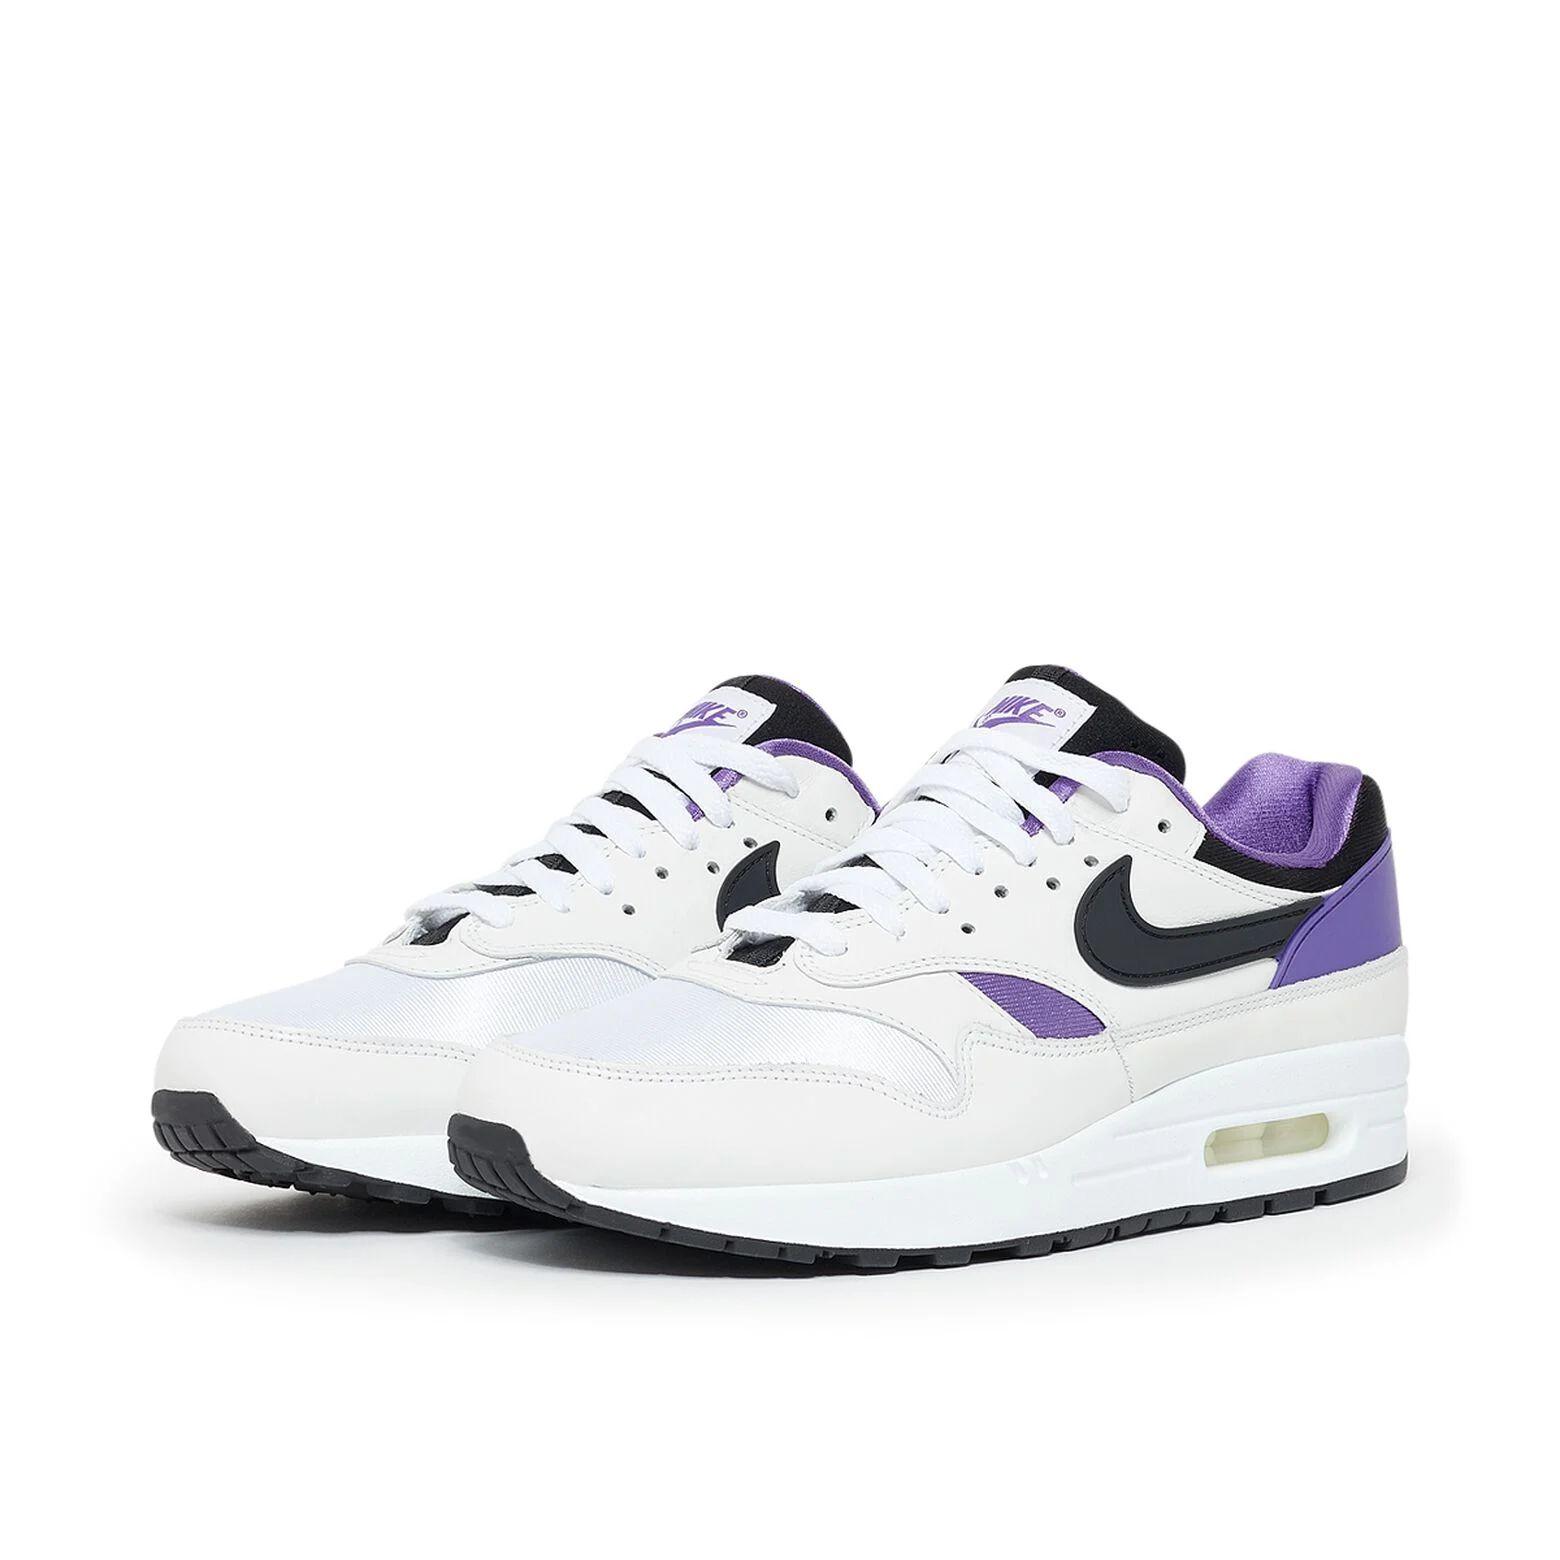 Nike Air Max 1 DNA CH.1 'Purple Punch'